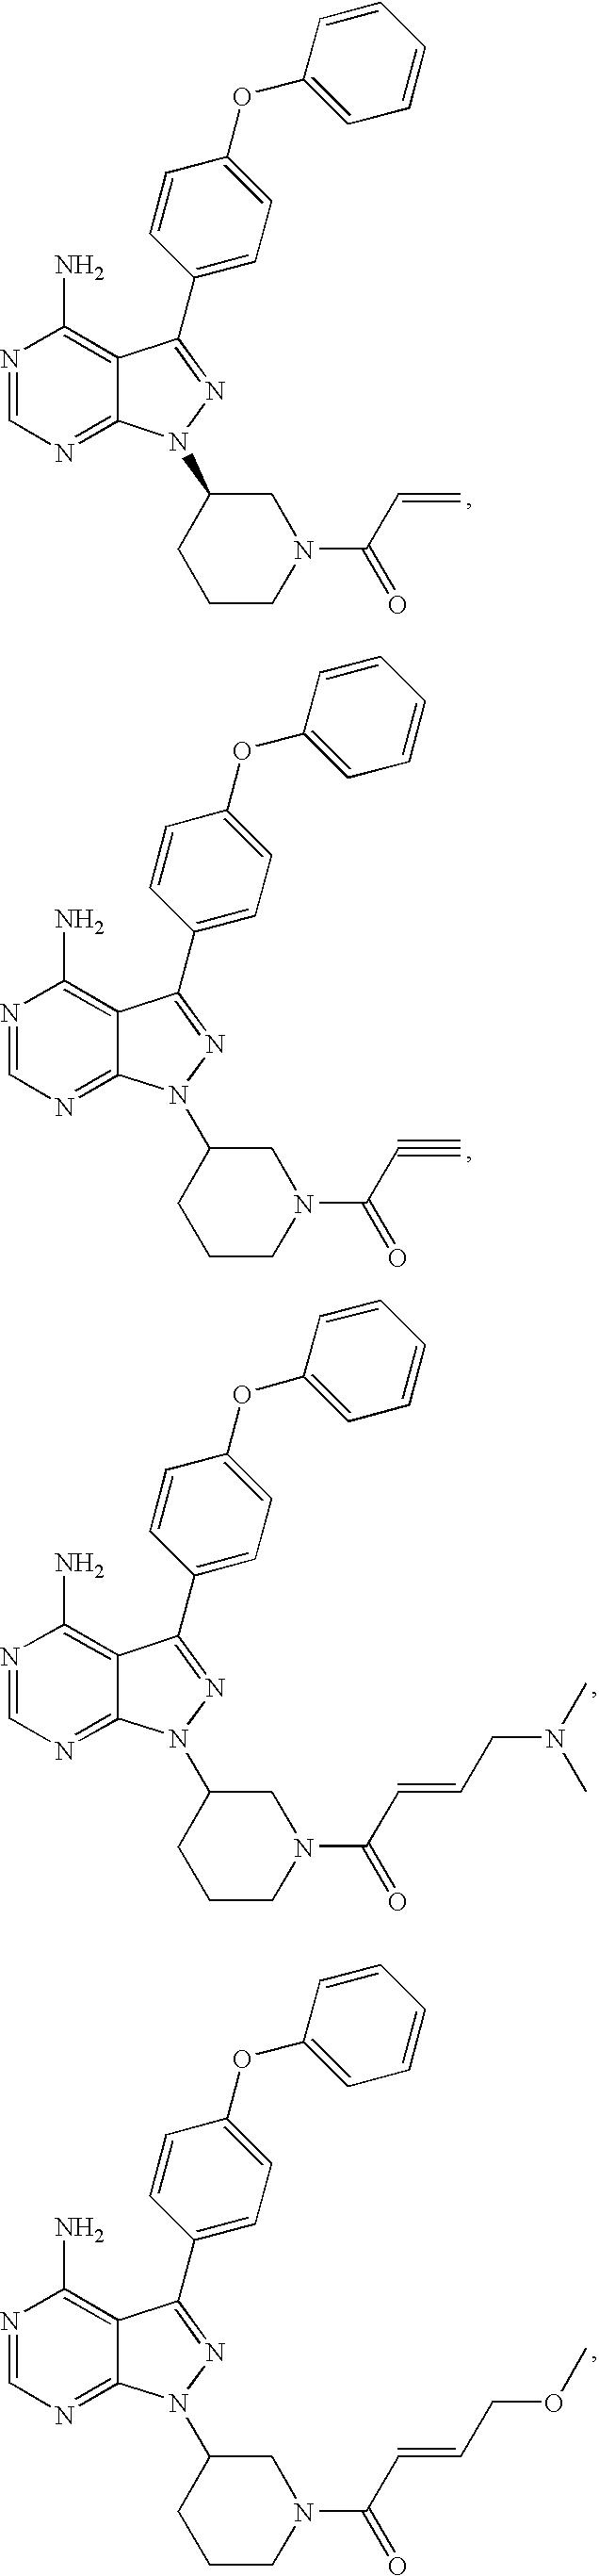 Figure US07514444-20090407-C00017